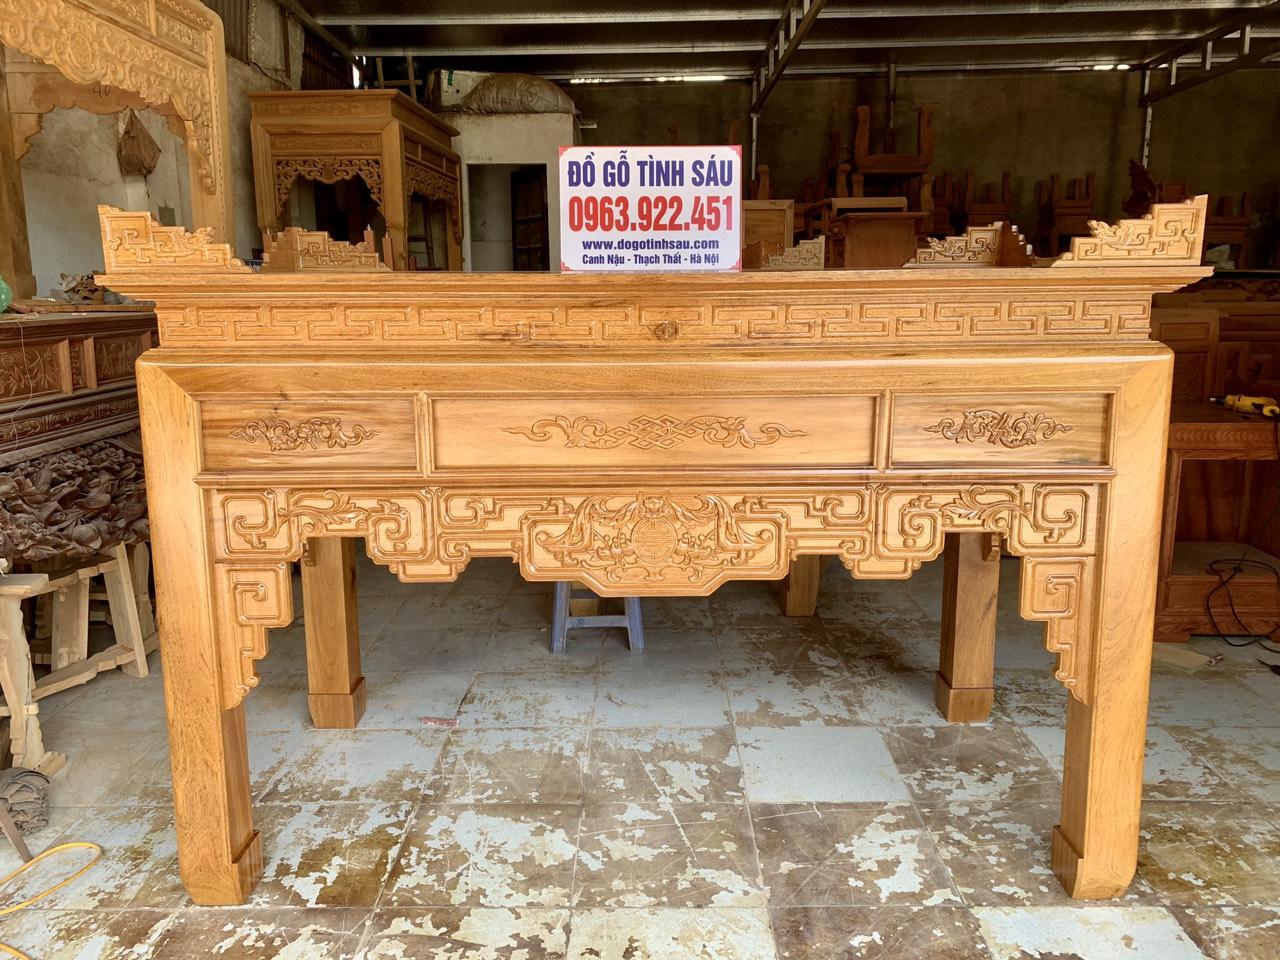 mau ban tho go gu - Bàn thờ gỗ gụ đẹp chuẩn giá tốt tại Hà Nội